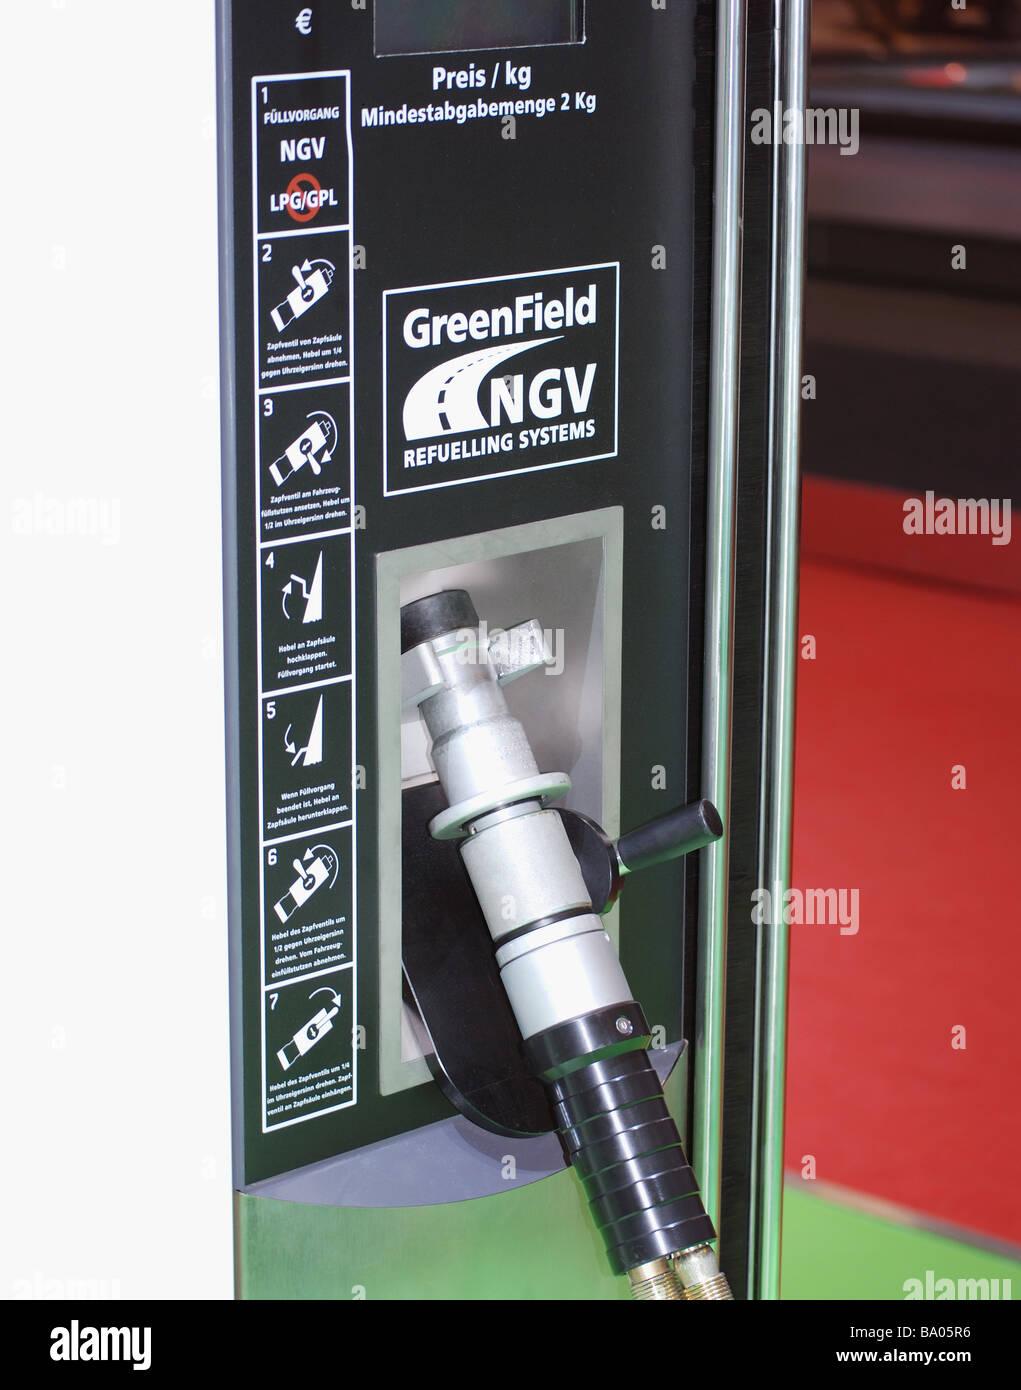 Equipo de repostaje de combustible alternativo, con emisiones cero coche híbrido Imagen De Stock